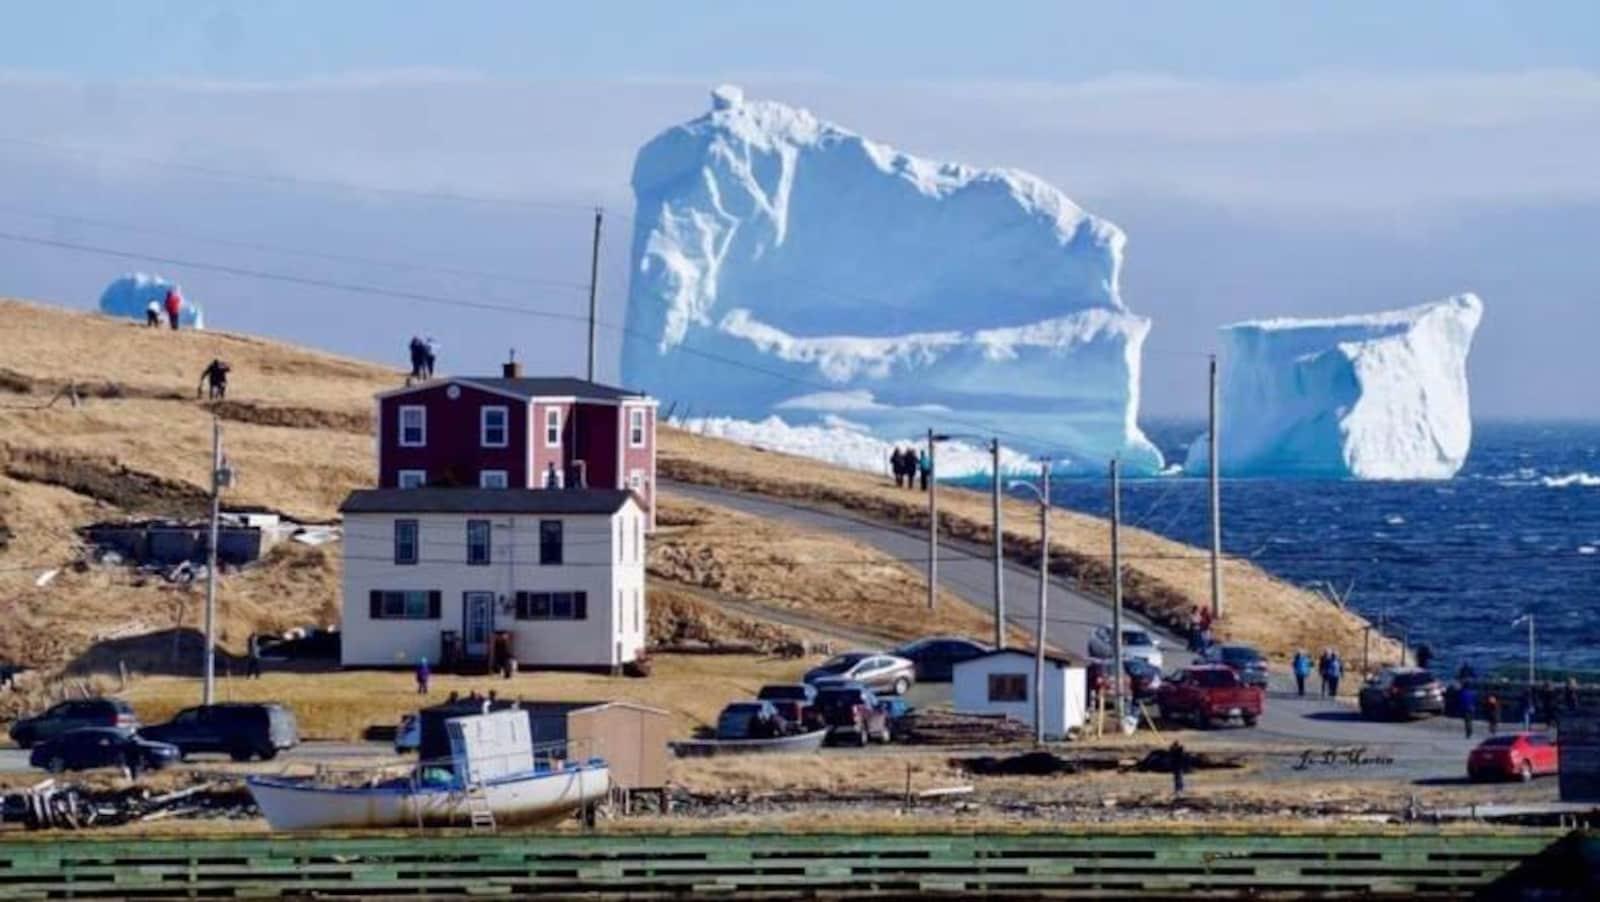 Des voitures immobiles sur la route côtière avec un iceberg en arrière-plan.